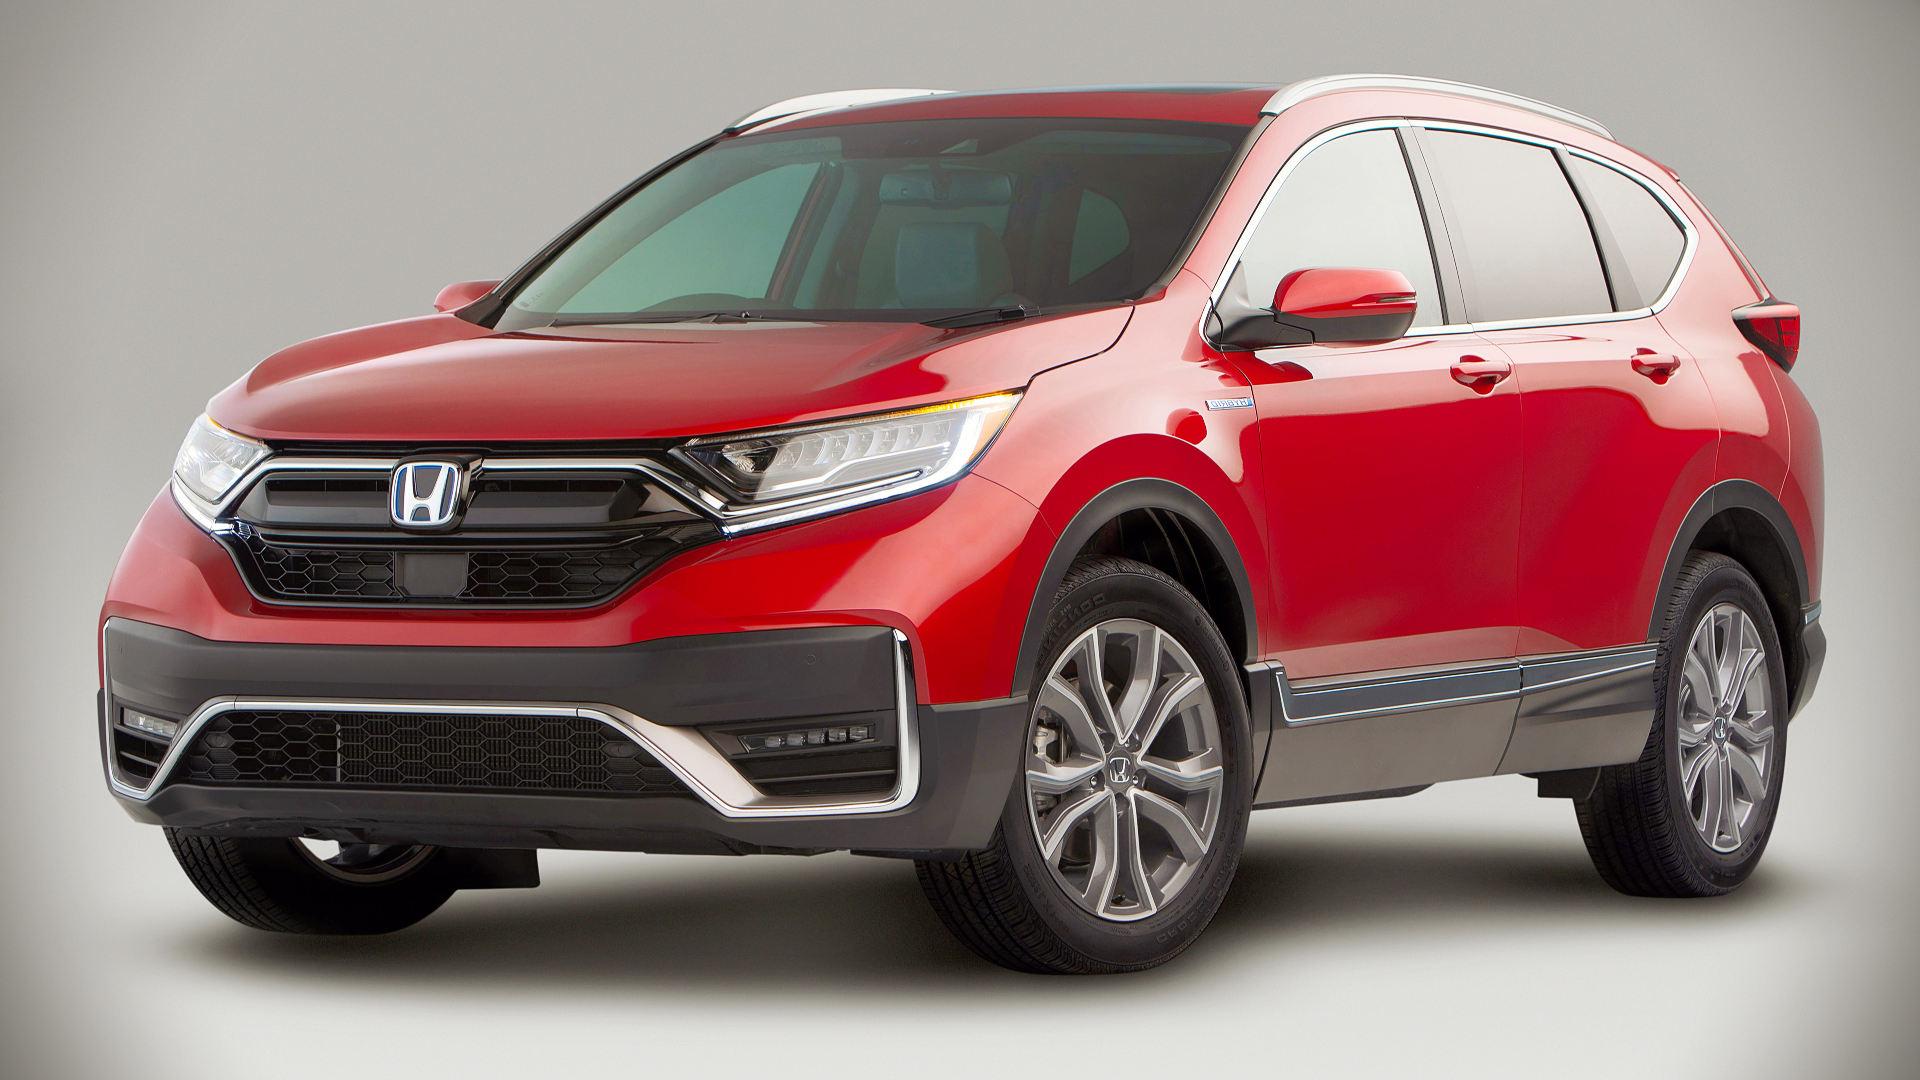 Honda CRV 2021 Wallpaper